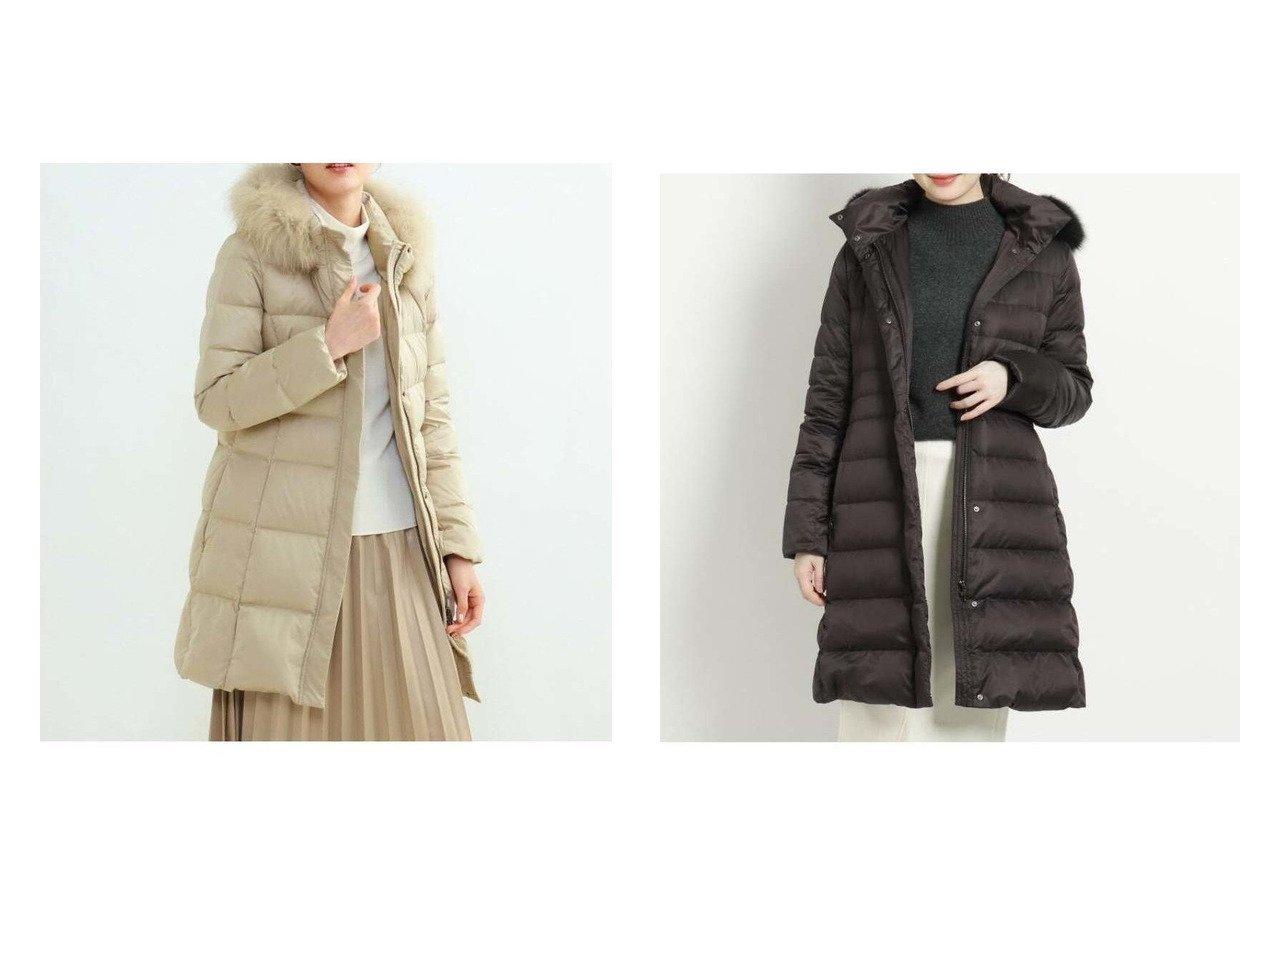 【COUP DE CHANCE/クード シャンス】のロングダウンコート&【INDIVI/インディヴィ】のシルキーサテンダウンコート アウターのおすすめ!人気、トレンド・レディースファッションの通販  おすすめで人気の流行・トレンド、ファッションの通販商品 メンズファッション・キッズファッション・インテリア・家具・レディースファッション・服の通販 founy(ファニー) https://founy.com/ ファッション Fashion レディースファッション WOMEN アウター Coat Outerwear コート Coats ジャケット Jackets ダウン Down Coats And Jackets NEW・新作・新着・新入荷 New Arrivals ギャザー ジャケット ダウン ハイネック バランス フォックス ポケット ロング 防寒  ID:crp329100000009950